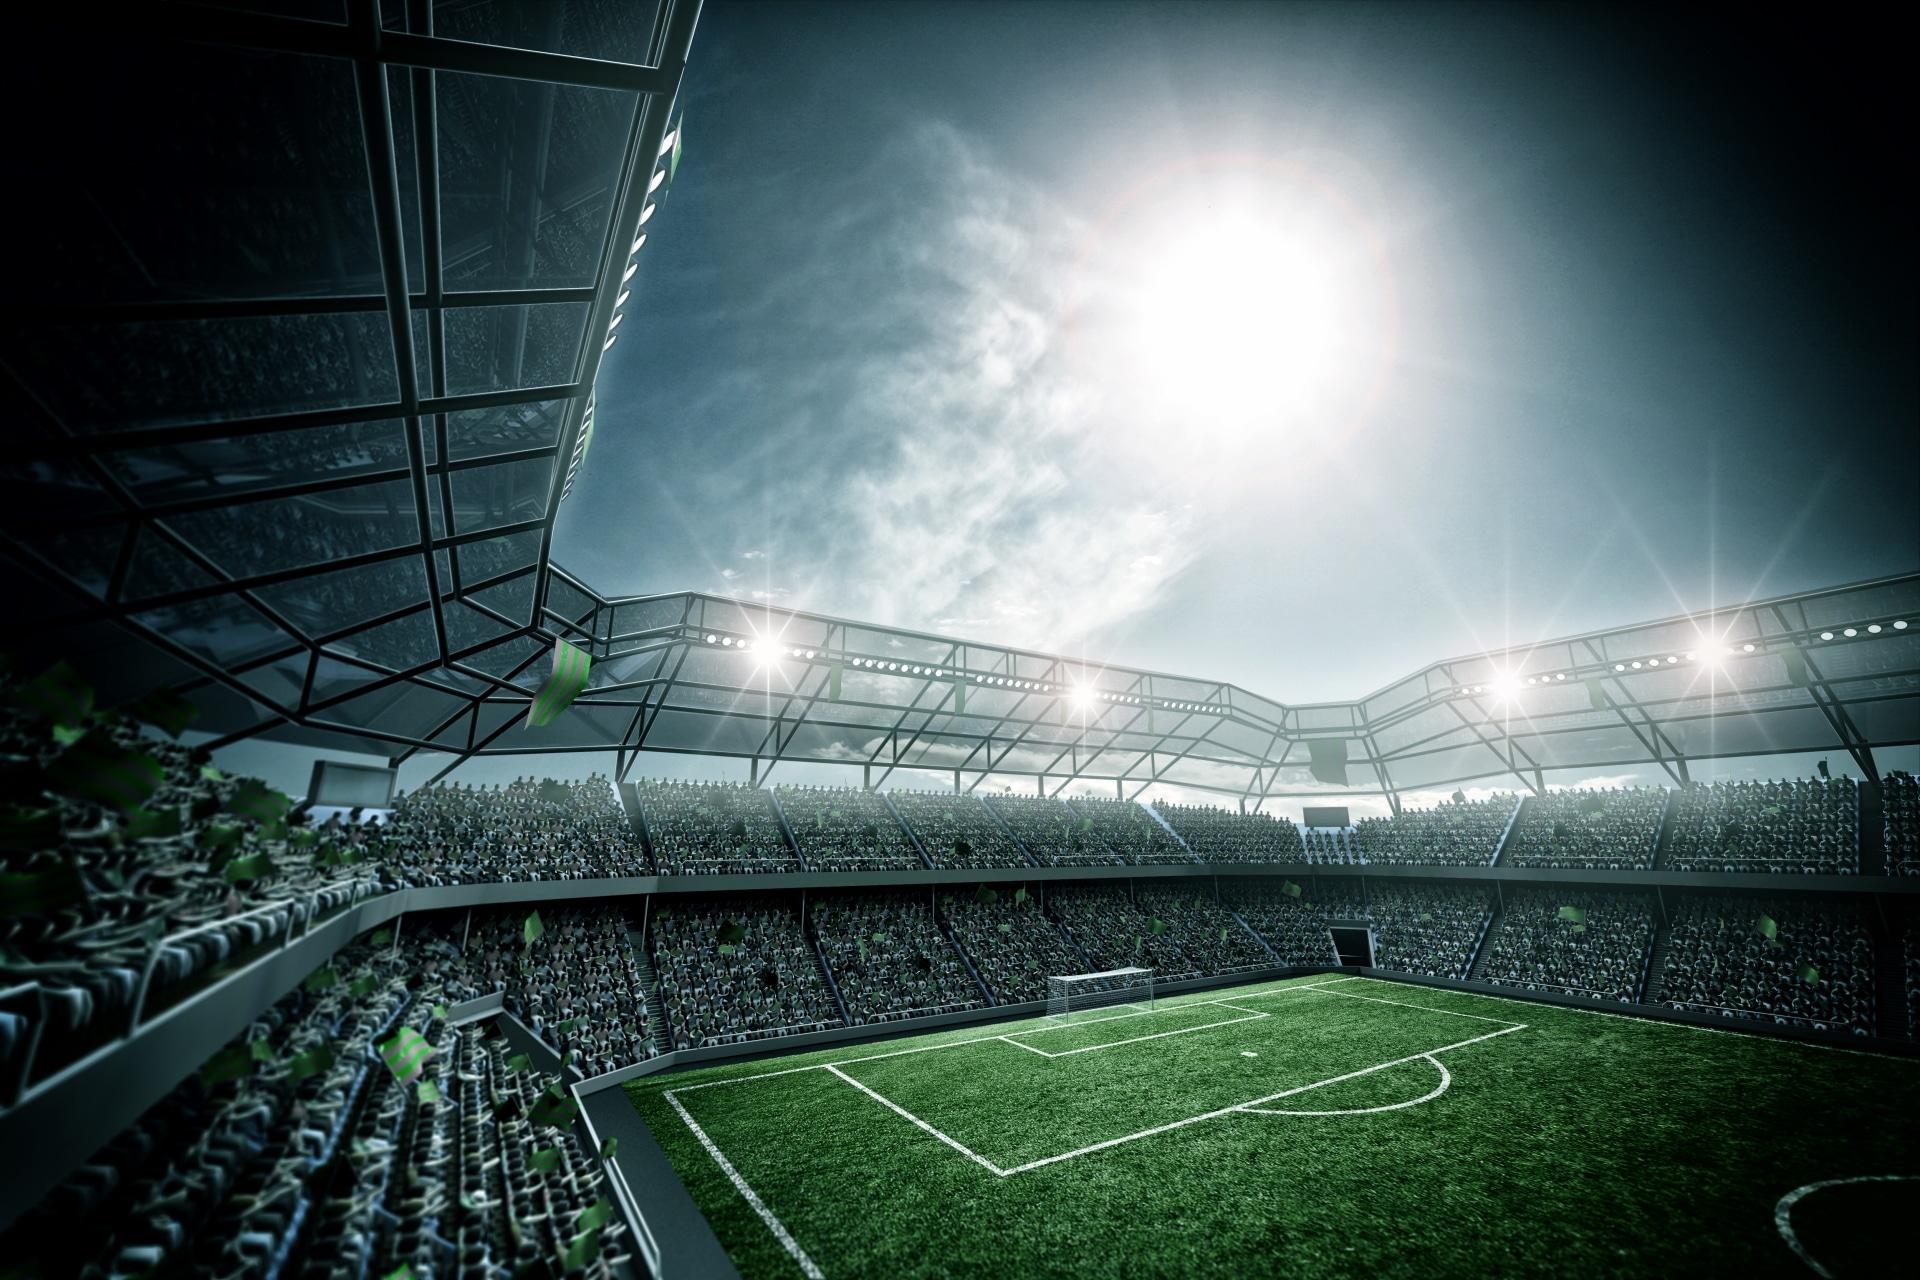 Os 5 melhores aplicativos para acompanhar resultados de futebol pelo celular